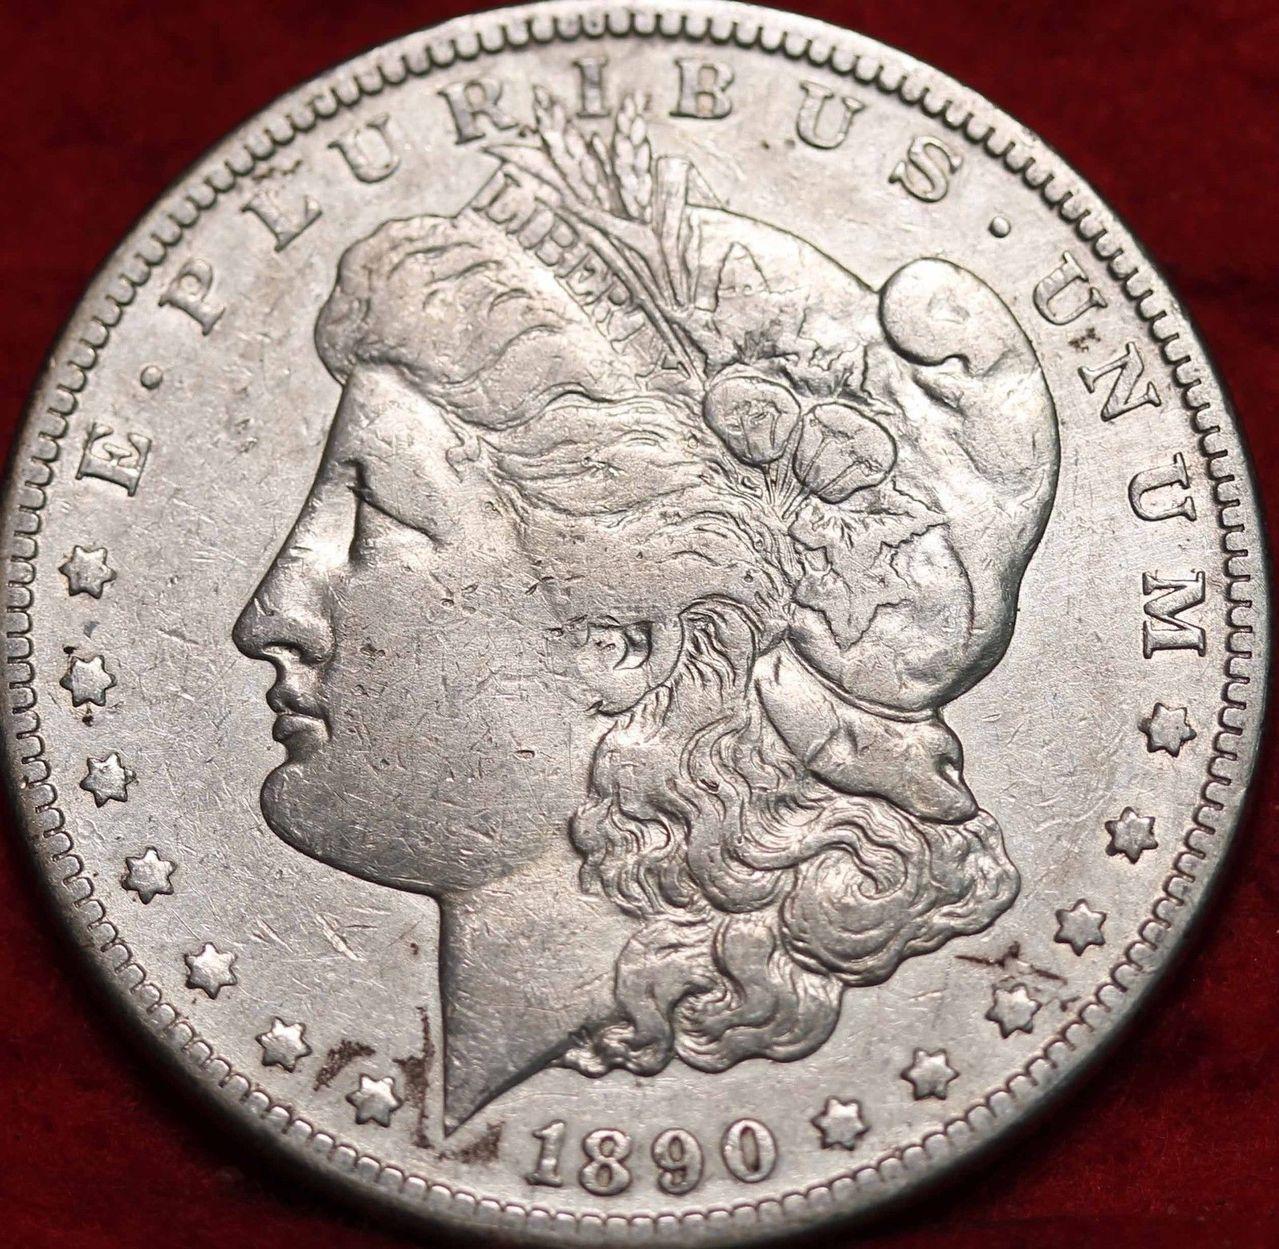 Estados Unidos - 1 Dolar 1890 Carson City  1890cc